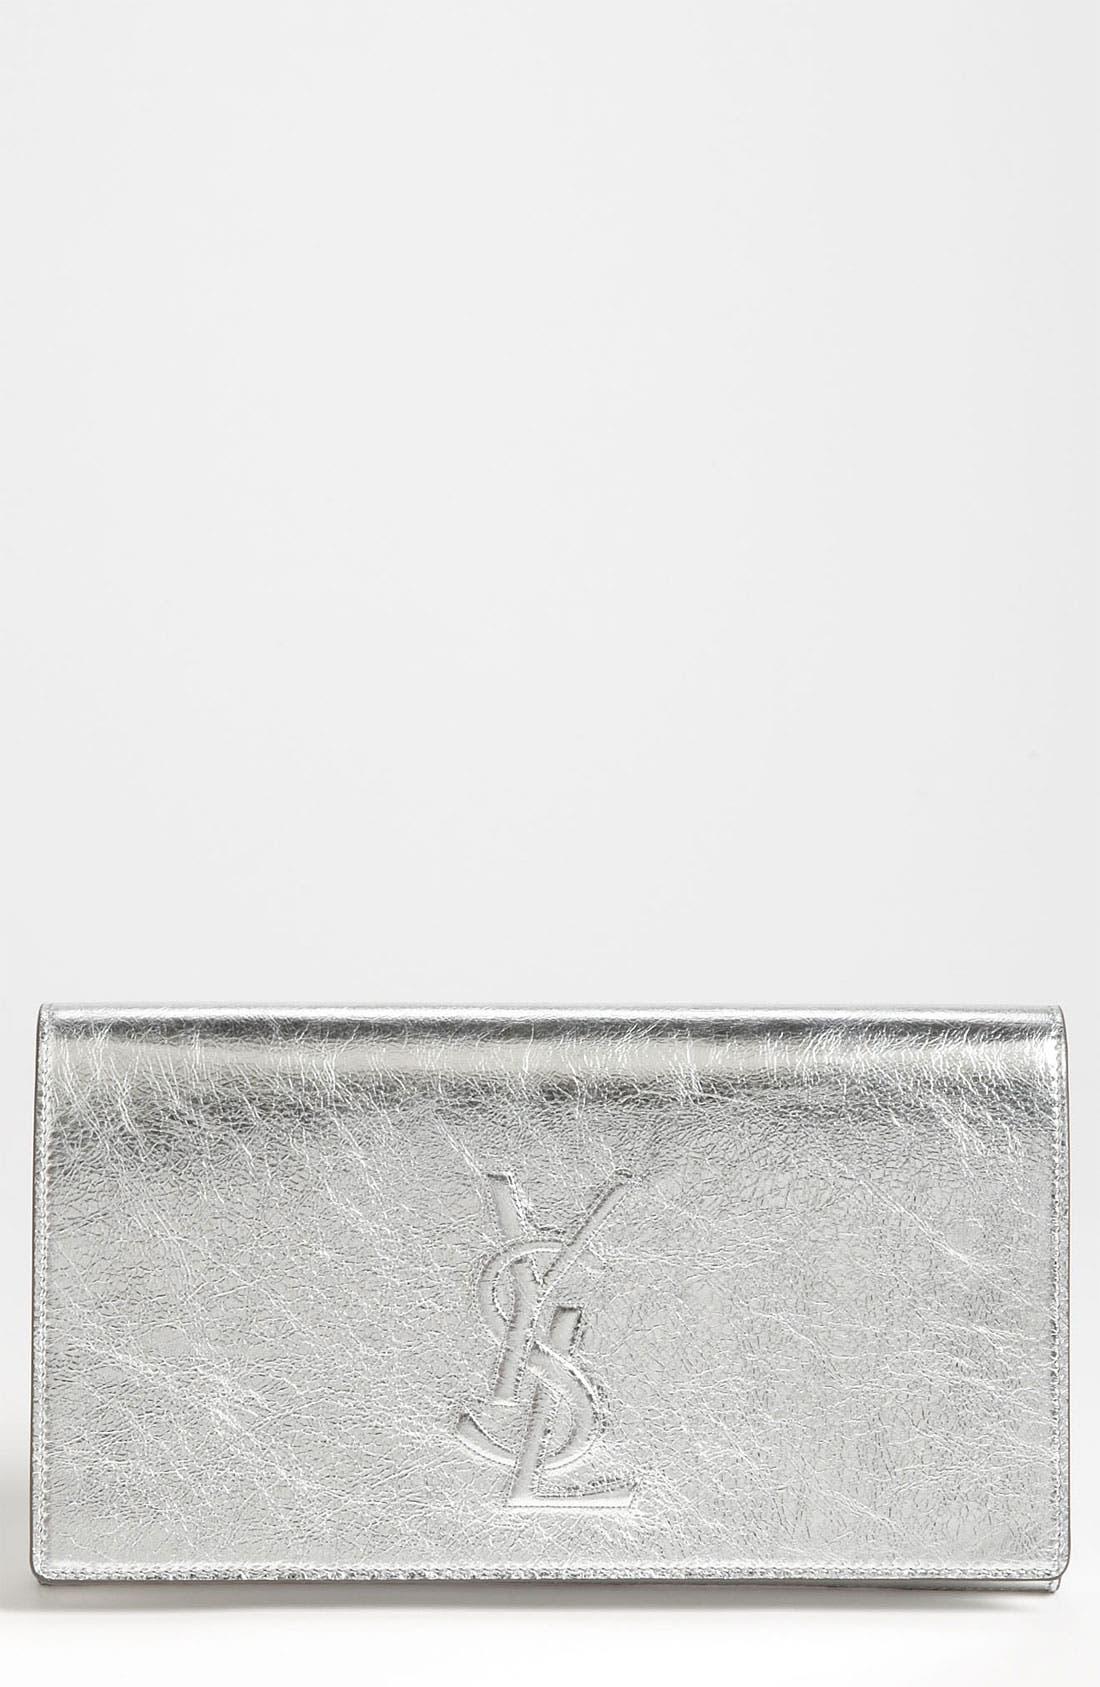 Alternate Image 1 Selected - Saint Laurent 'Belle de Jour' Clutch